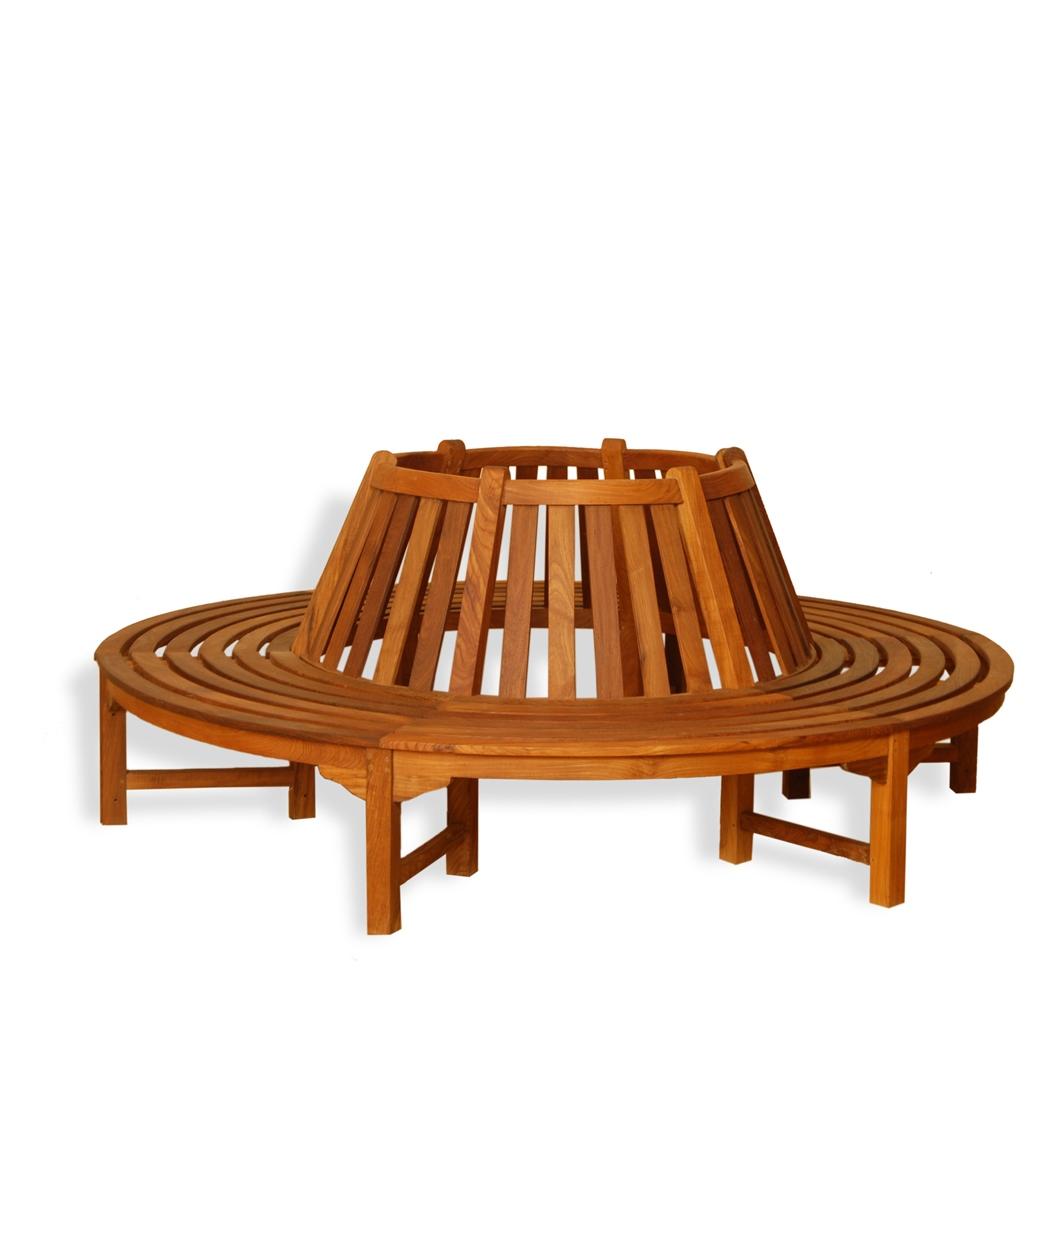 baumbank teakholz 220cm rundbank teakholzbank holzbank gartenbank bank ebay. Black Bedroom Furniture Sets. Home Design Ideas